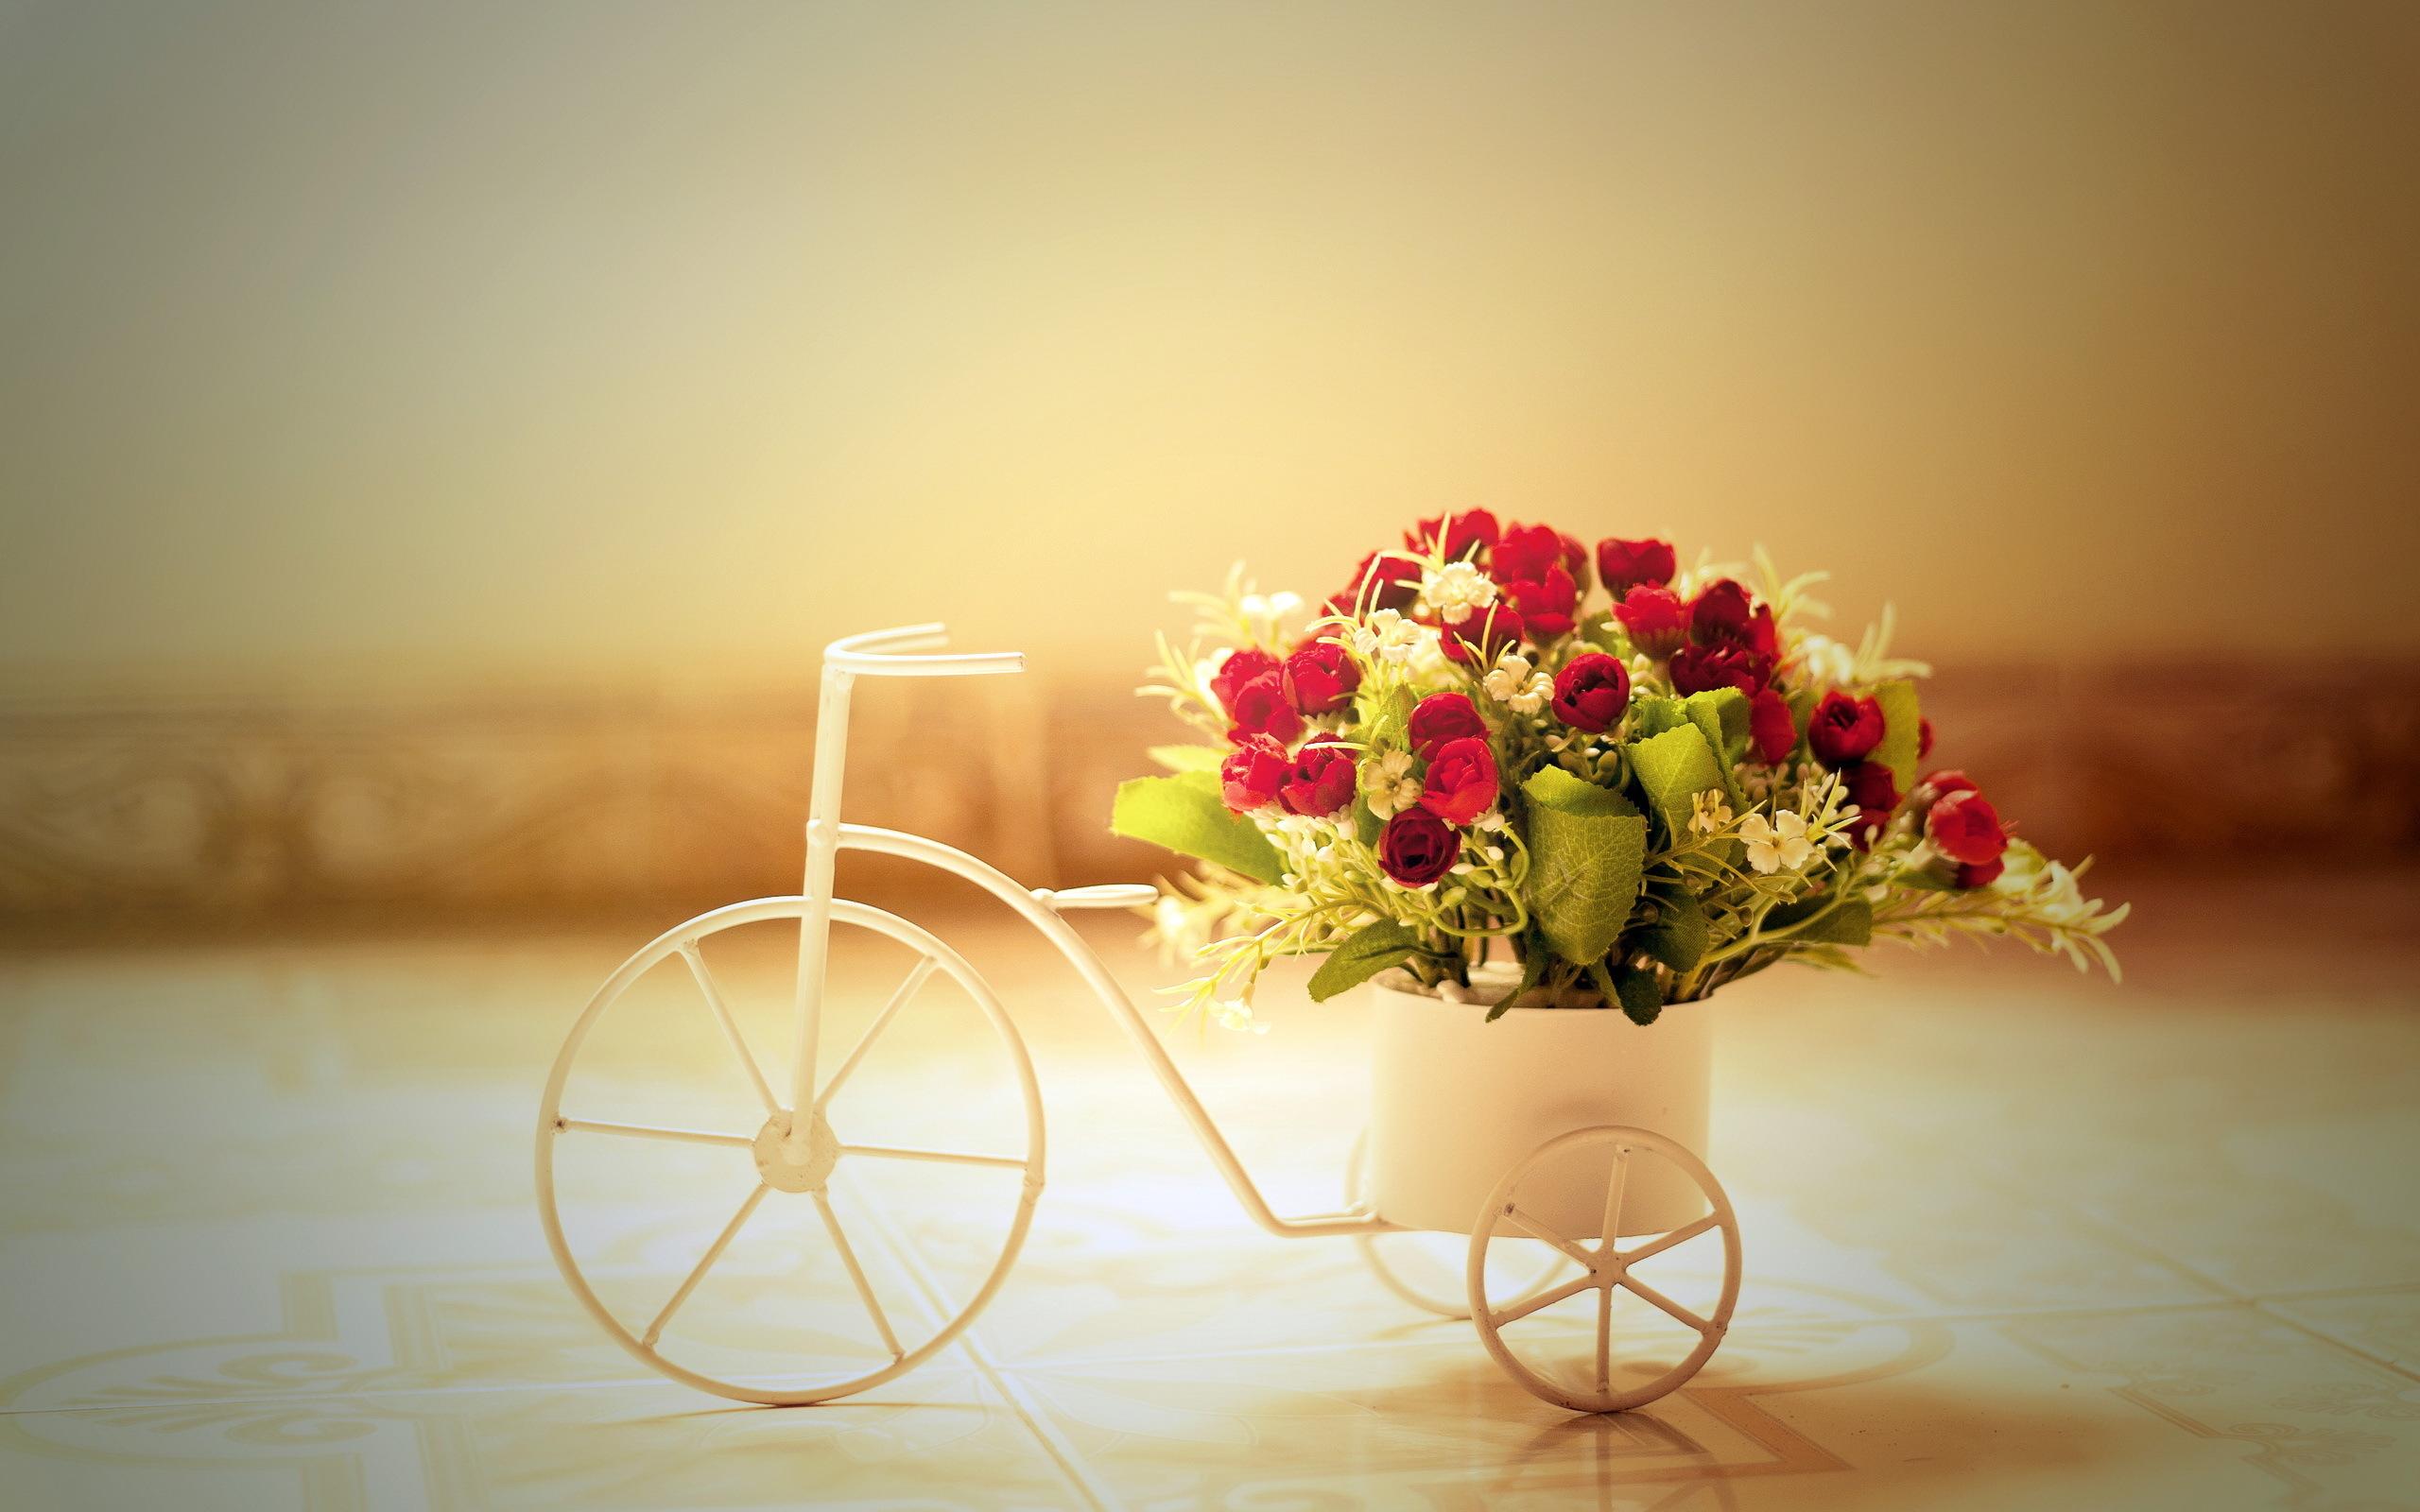 24669 скачать обои Растения, Цветы, Розы, Букеты - заставки и картинки бесплатно